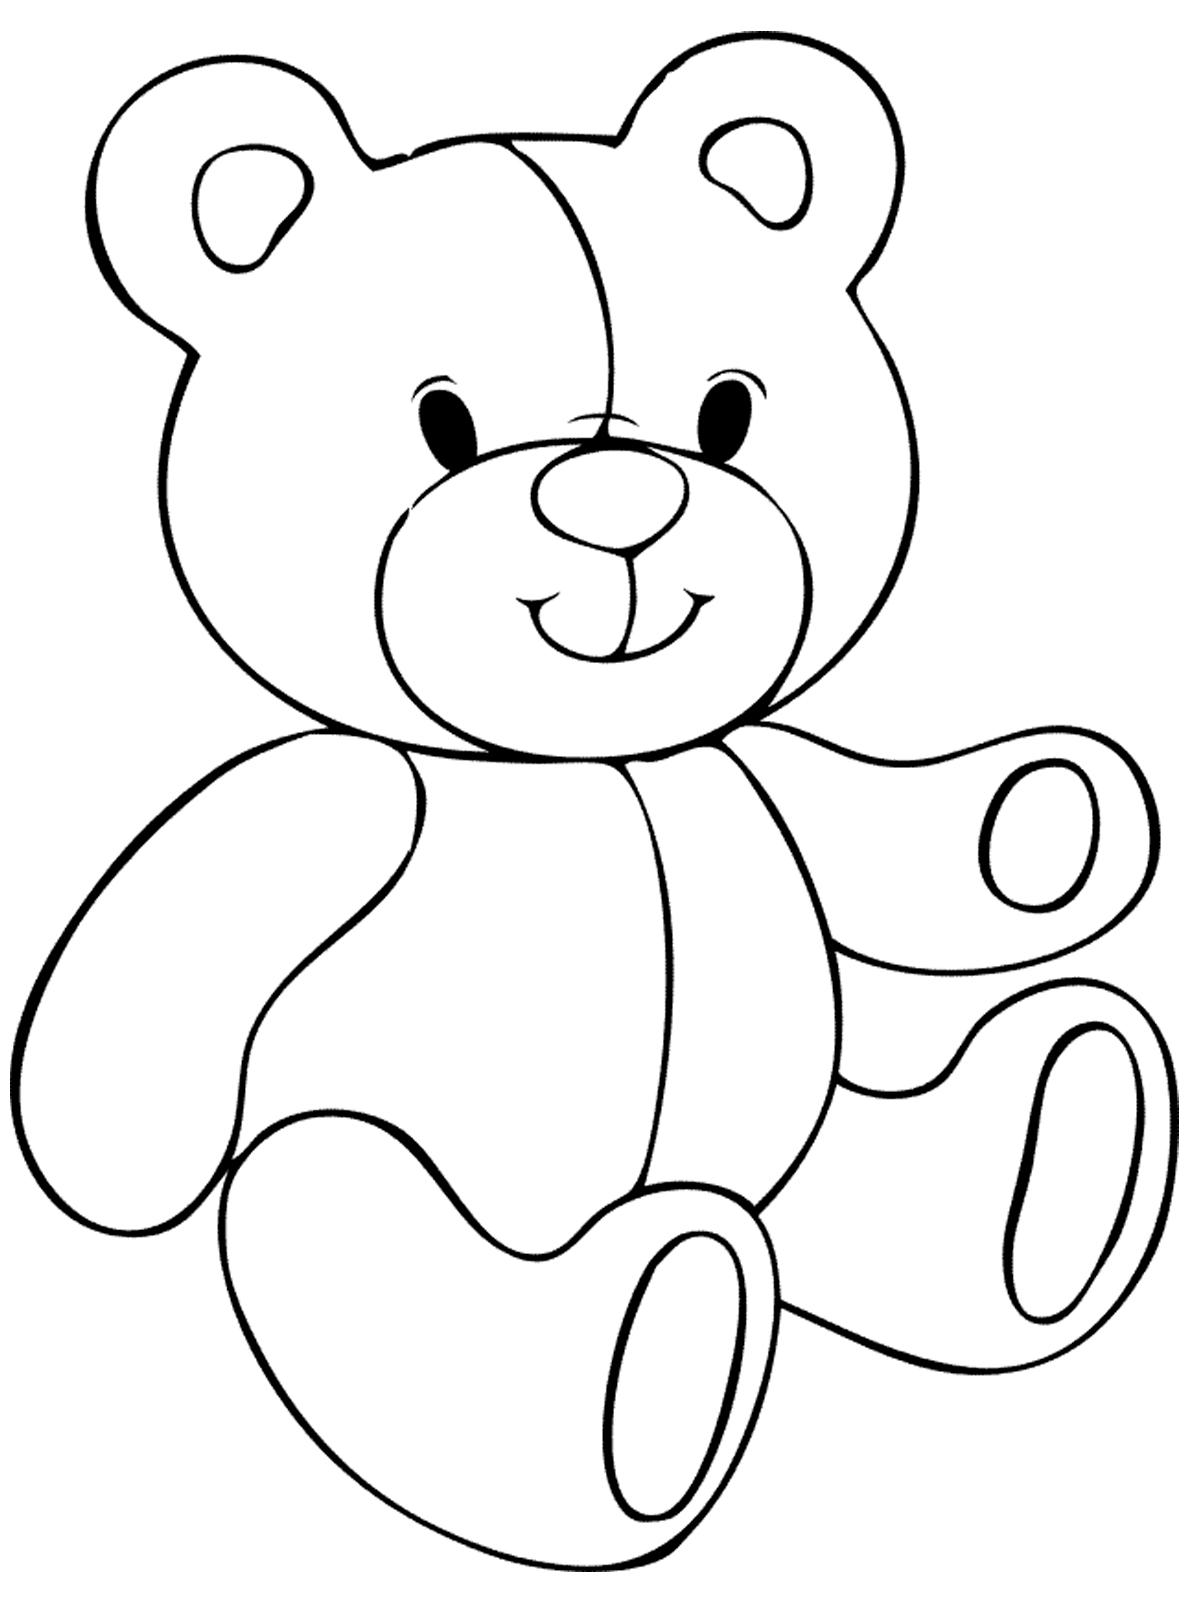 загружаю шаблоны мишки для рисования этого